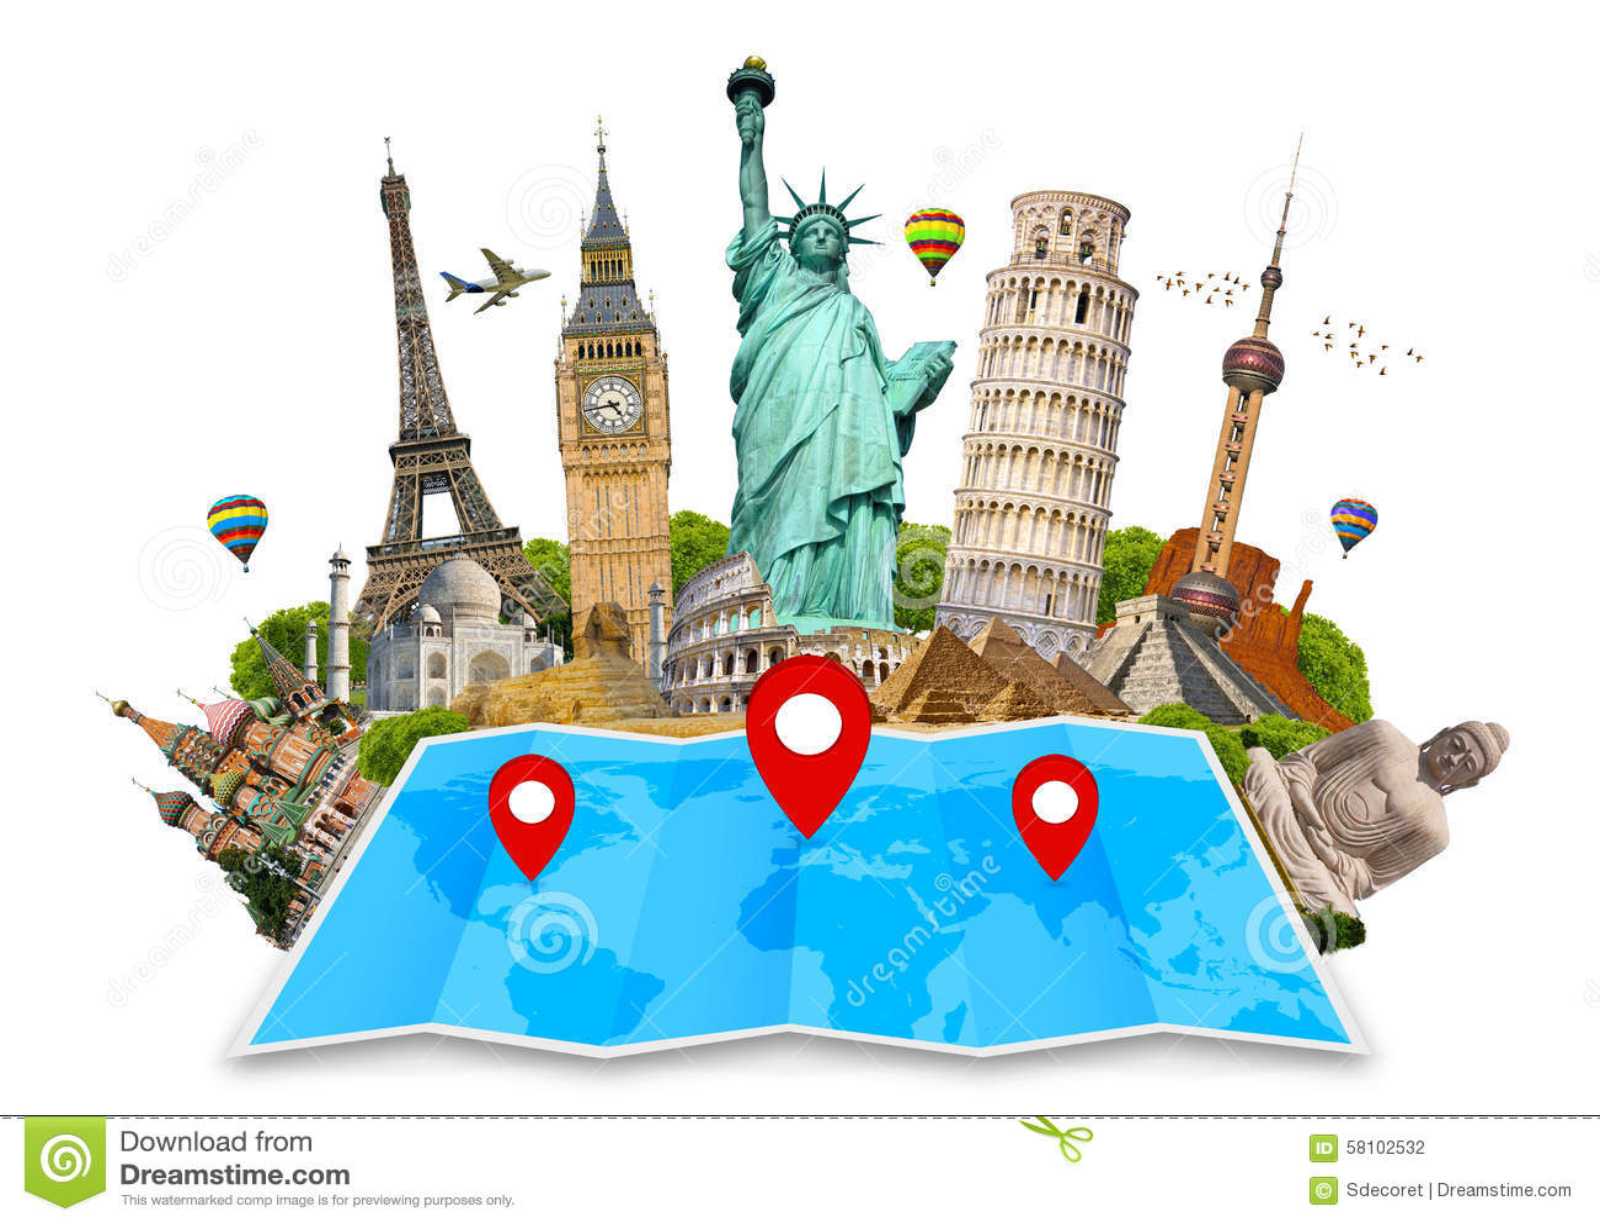 touriste keywords